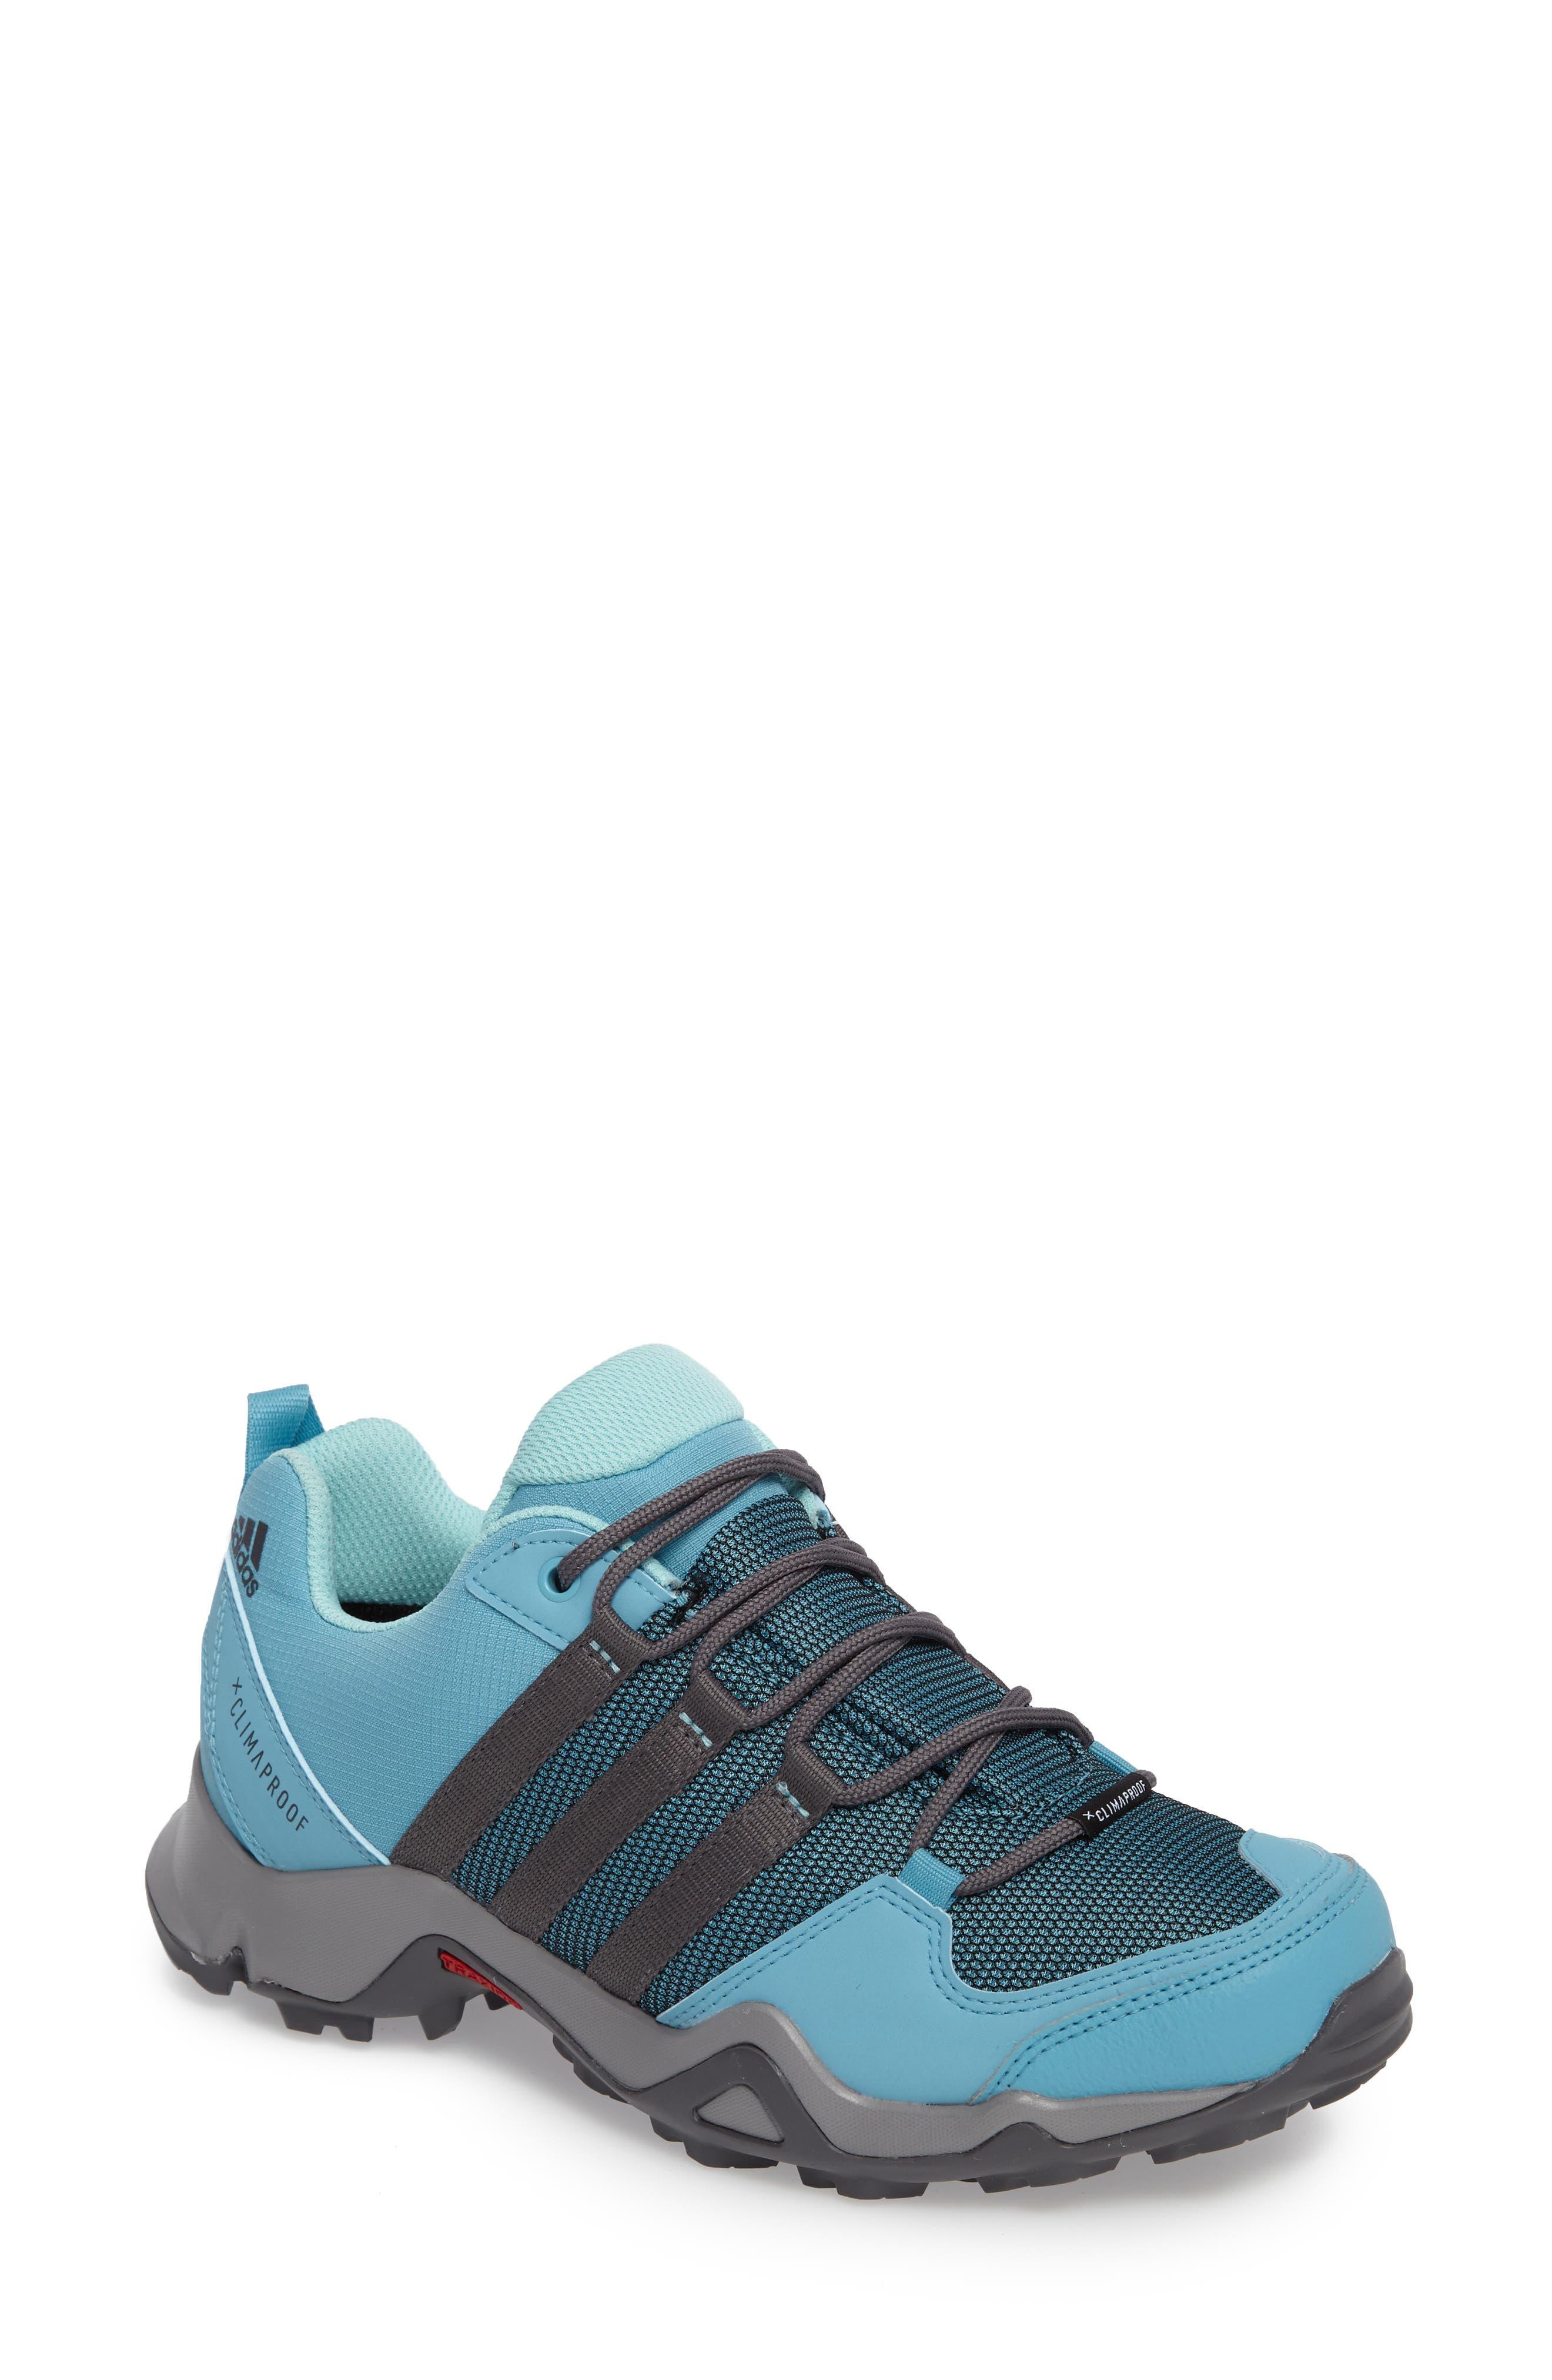 Main Image - adidas 'AX2' Waterproof Hiking Shoe (Women)